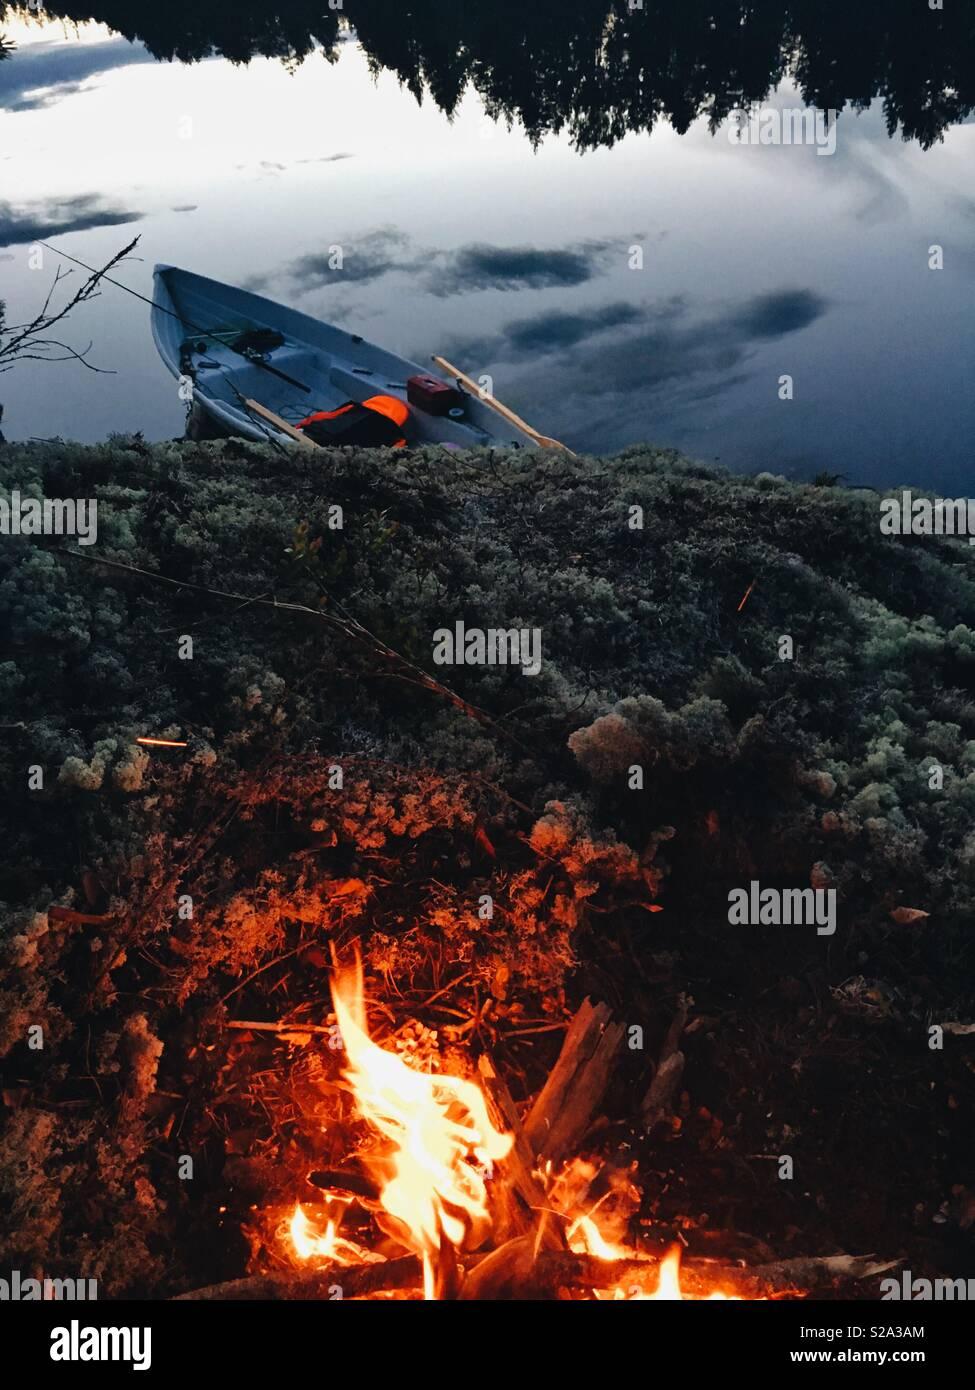 Par le feu de camp du lac nordique Photo Stock